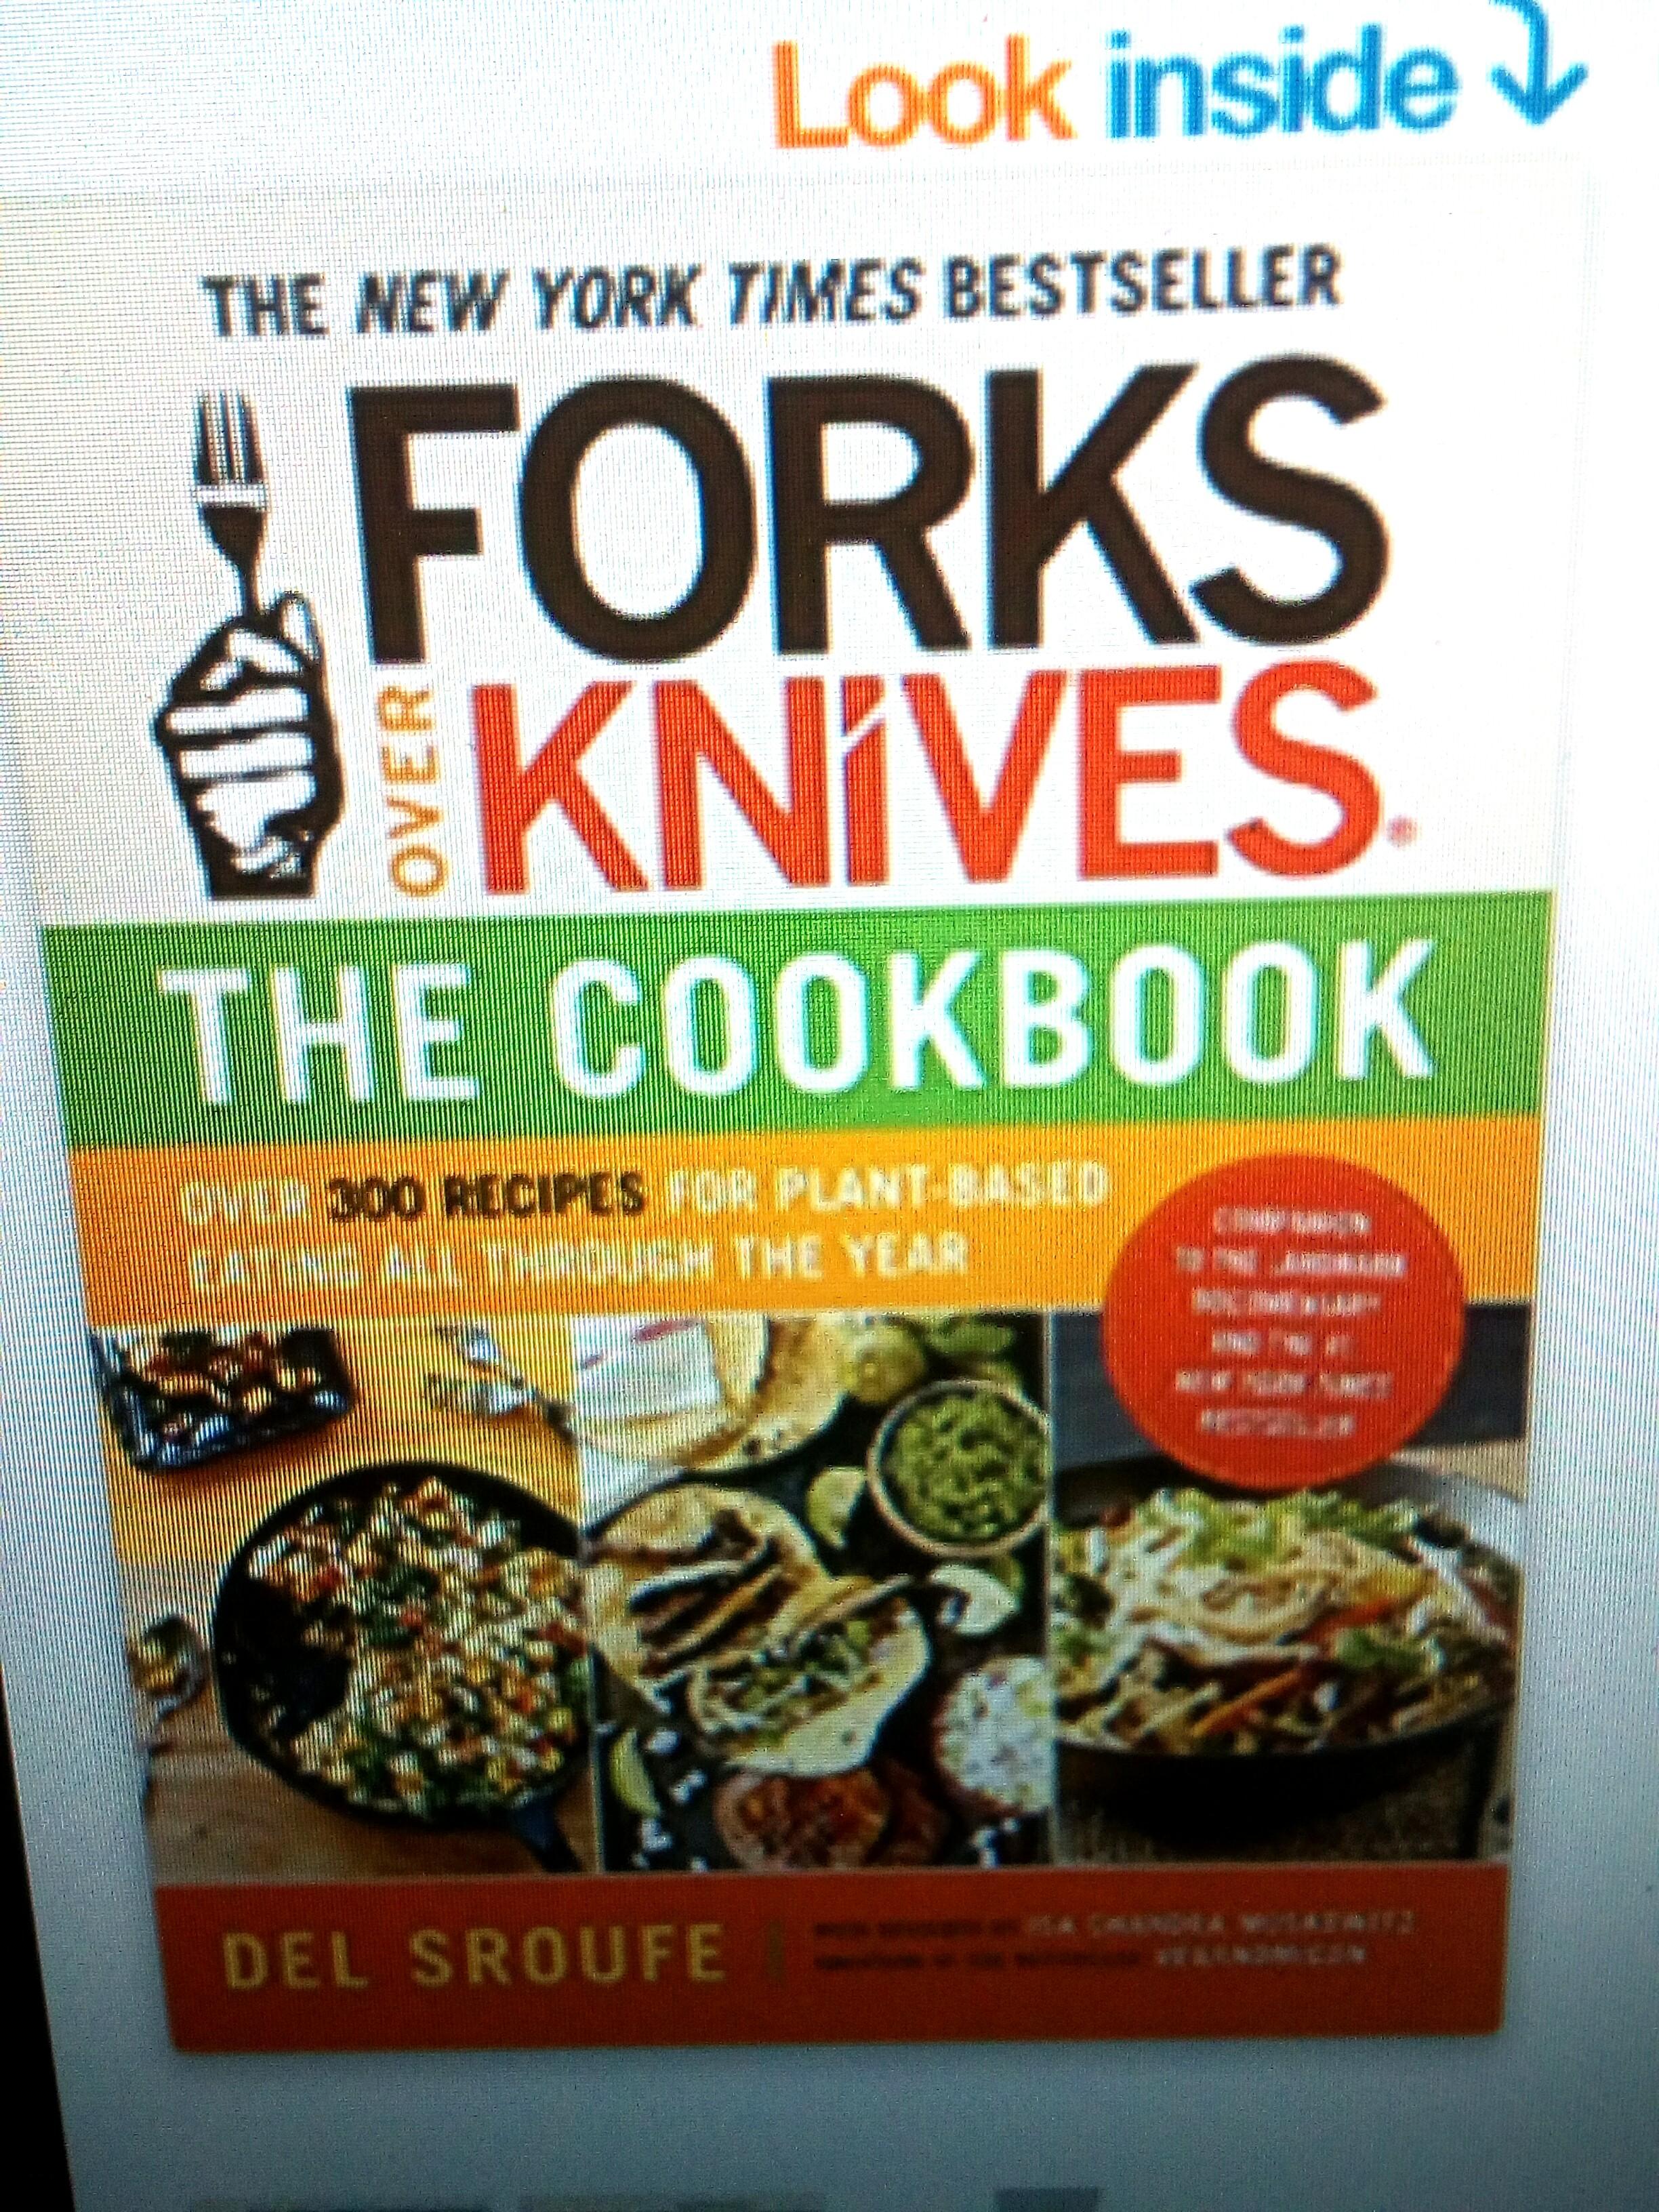 Cookbook-forks-over-knives